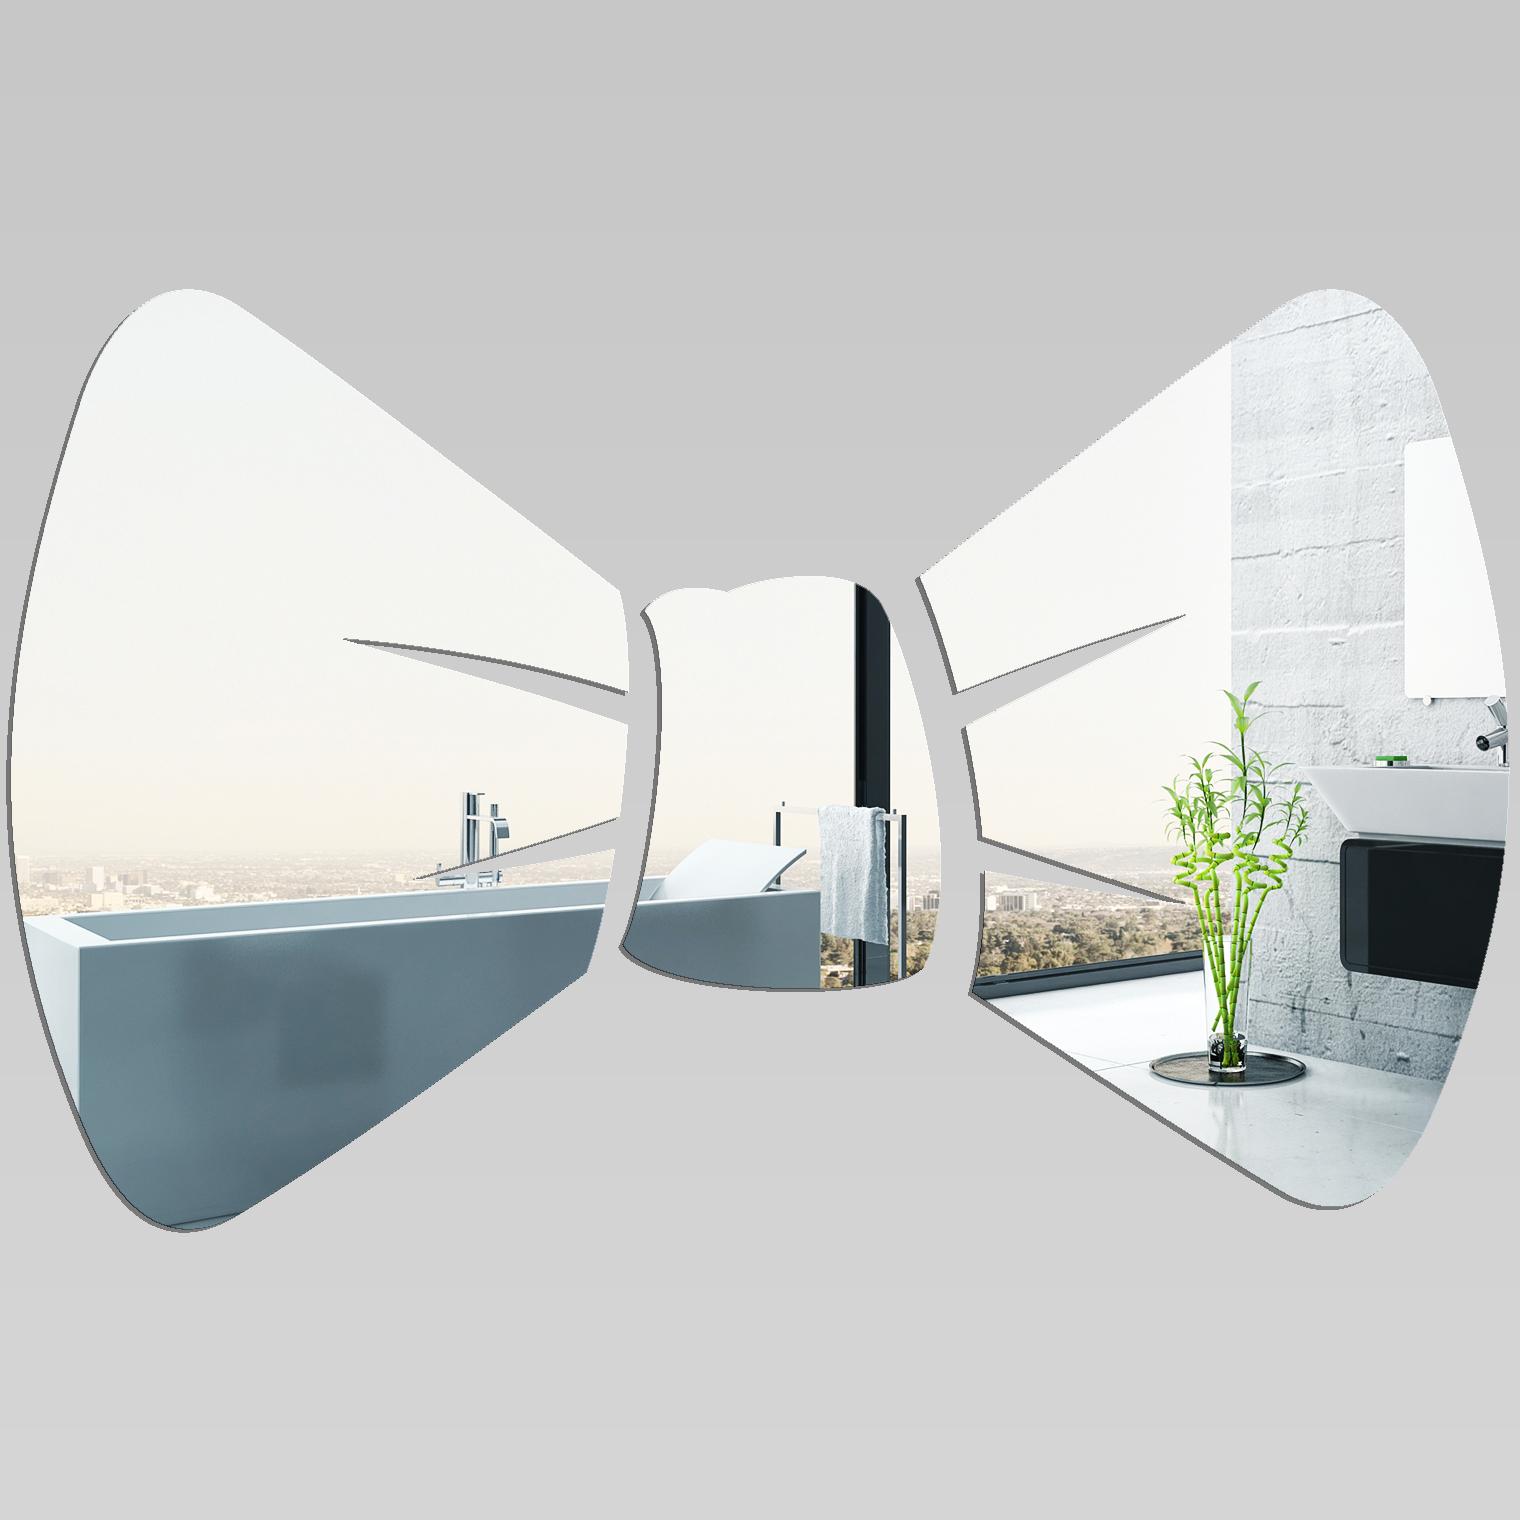 Miroir plexiglass acrylique noeud pas cher for Miroir acrylique